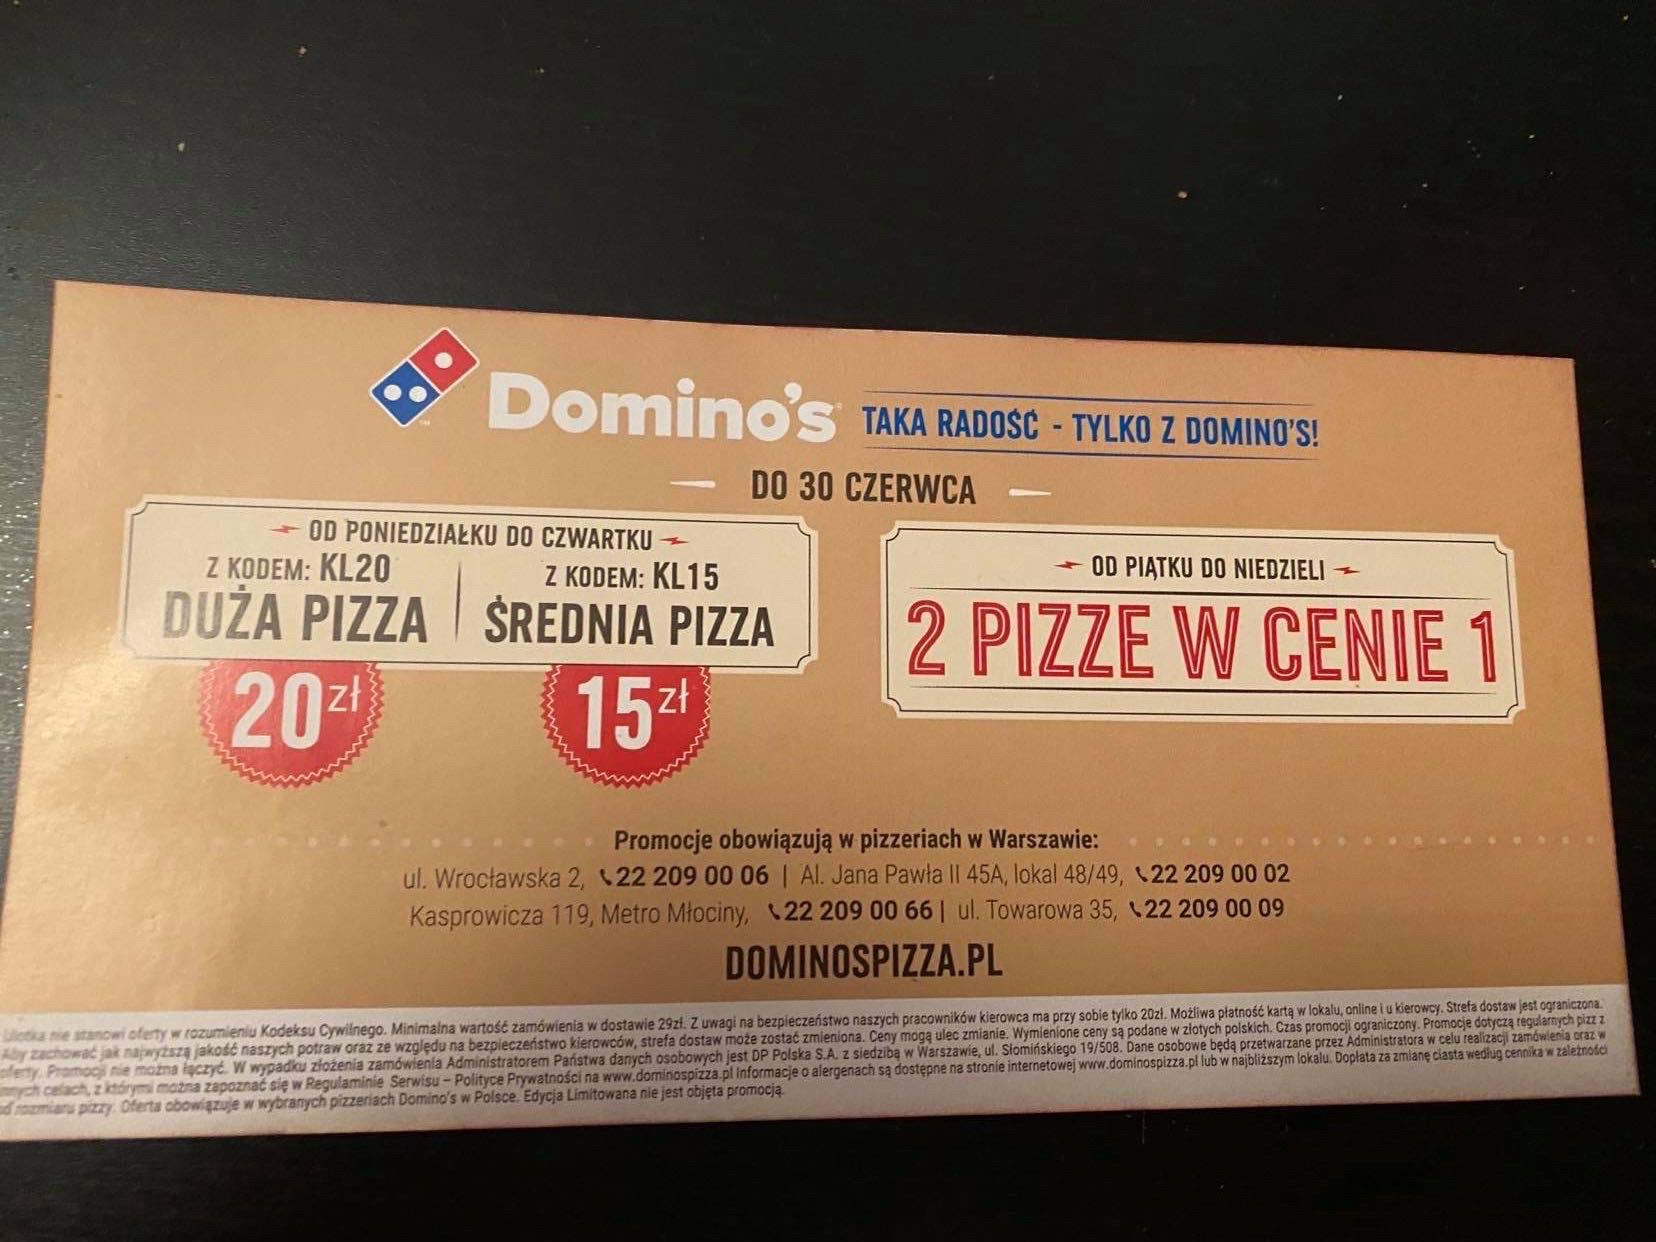 Dominos duża pizza 20zł, średnia 15 zł i 2za1 WARSZAWA